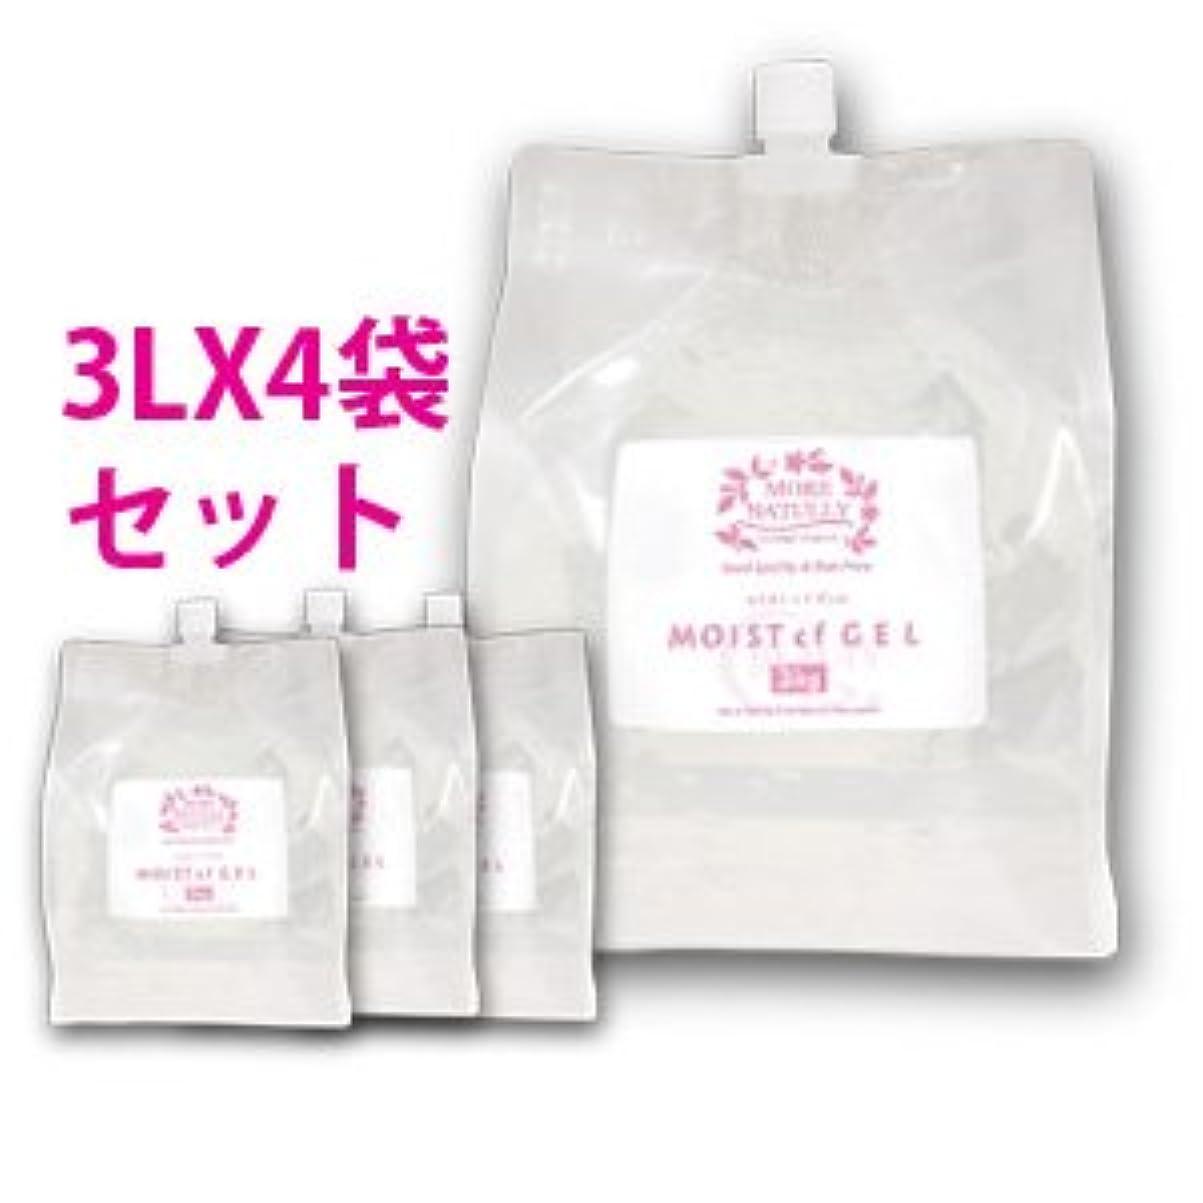 会議ヒゲクジラページェントモアナチュリー モイストcfジェル 4袋セット 3kg×4袋